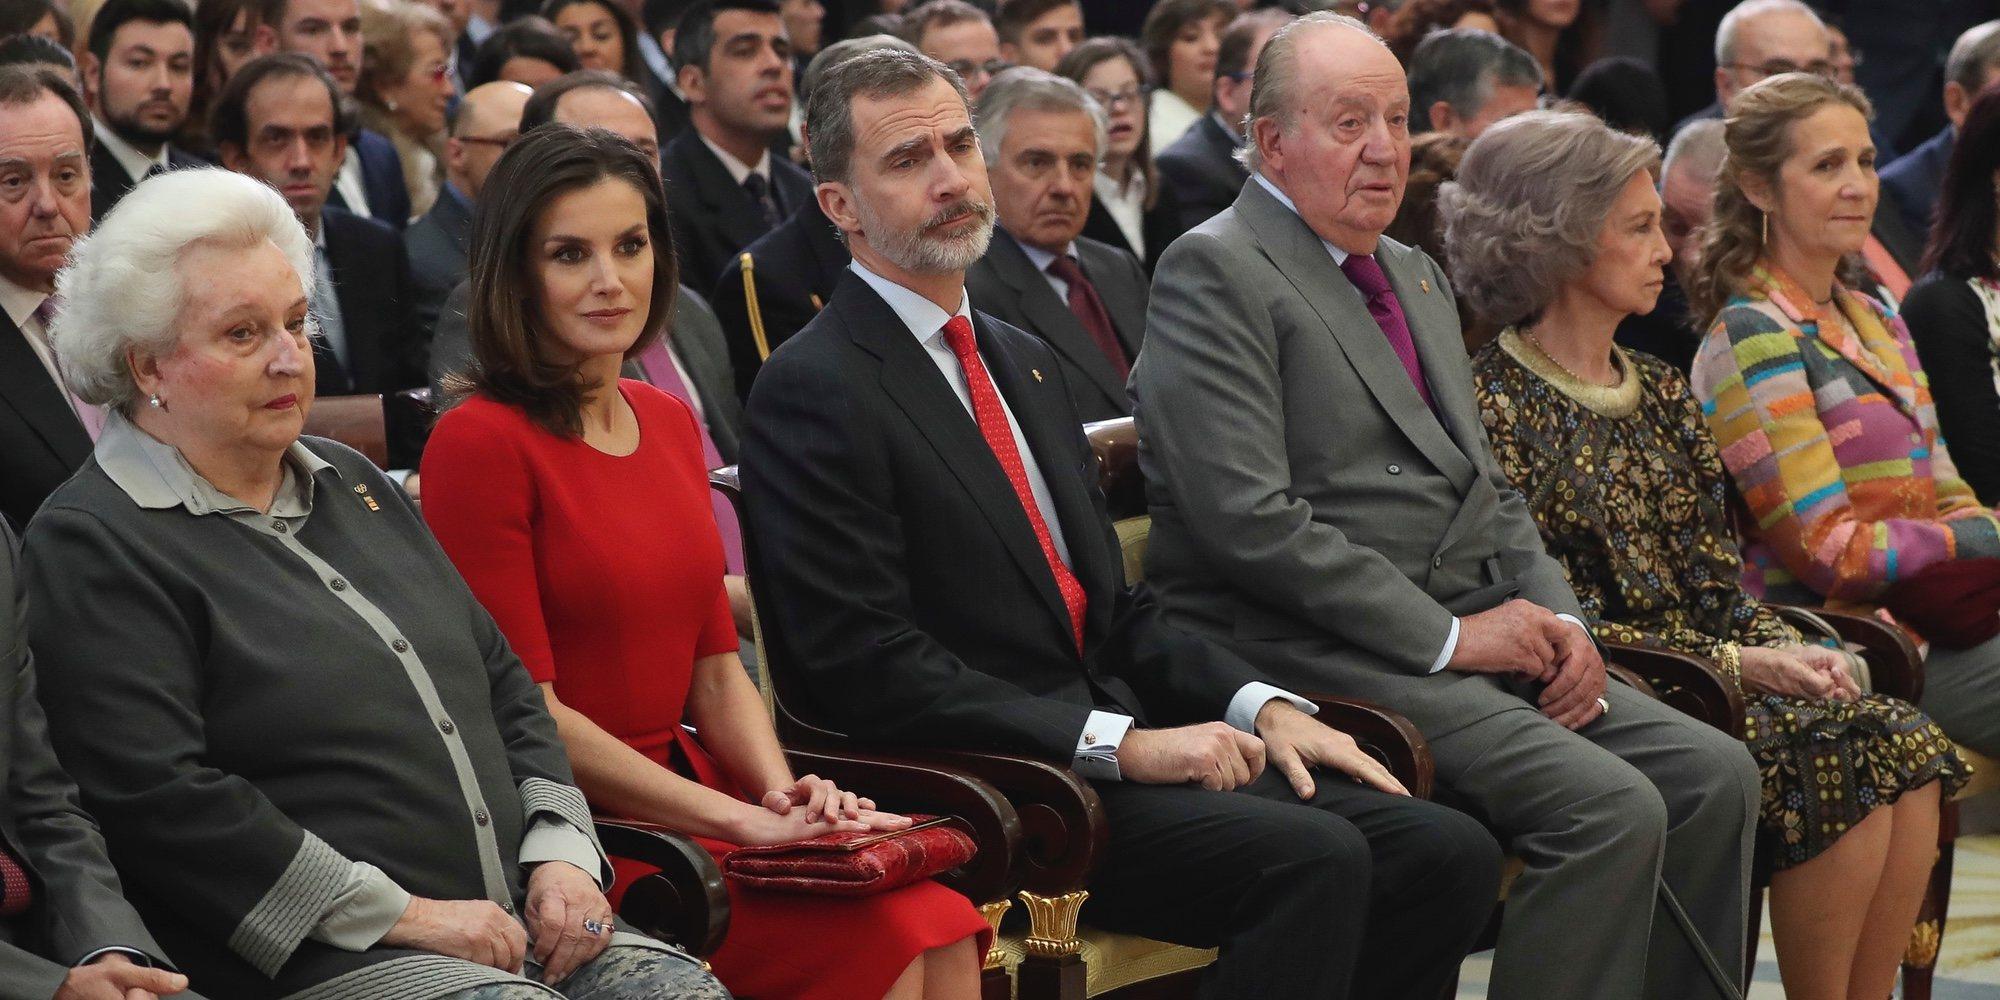 El reencuentro de la Reina Letizia con la Infanta Elena y la complicidad del Rey Felipe y el Rey Juan Carlos en El Pardo